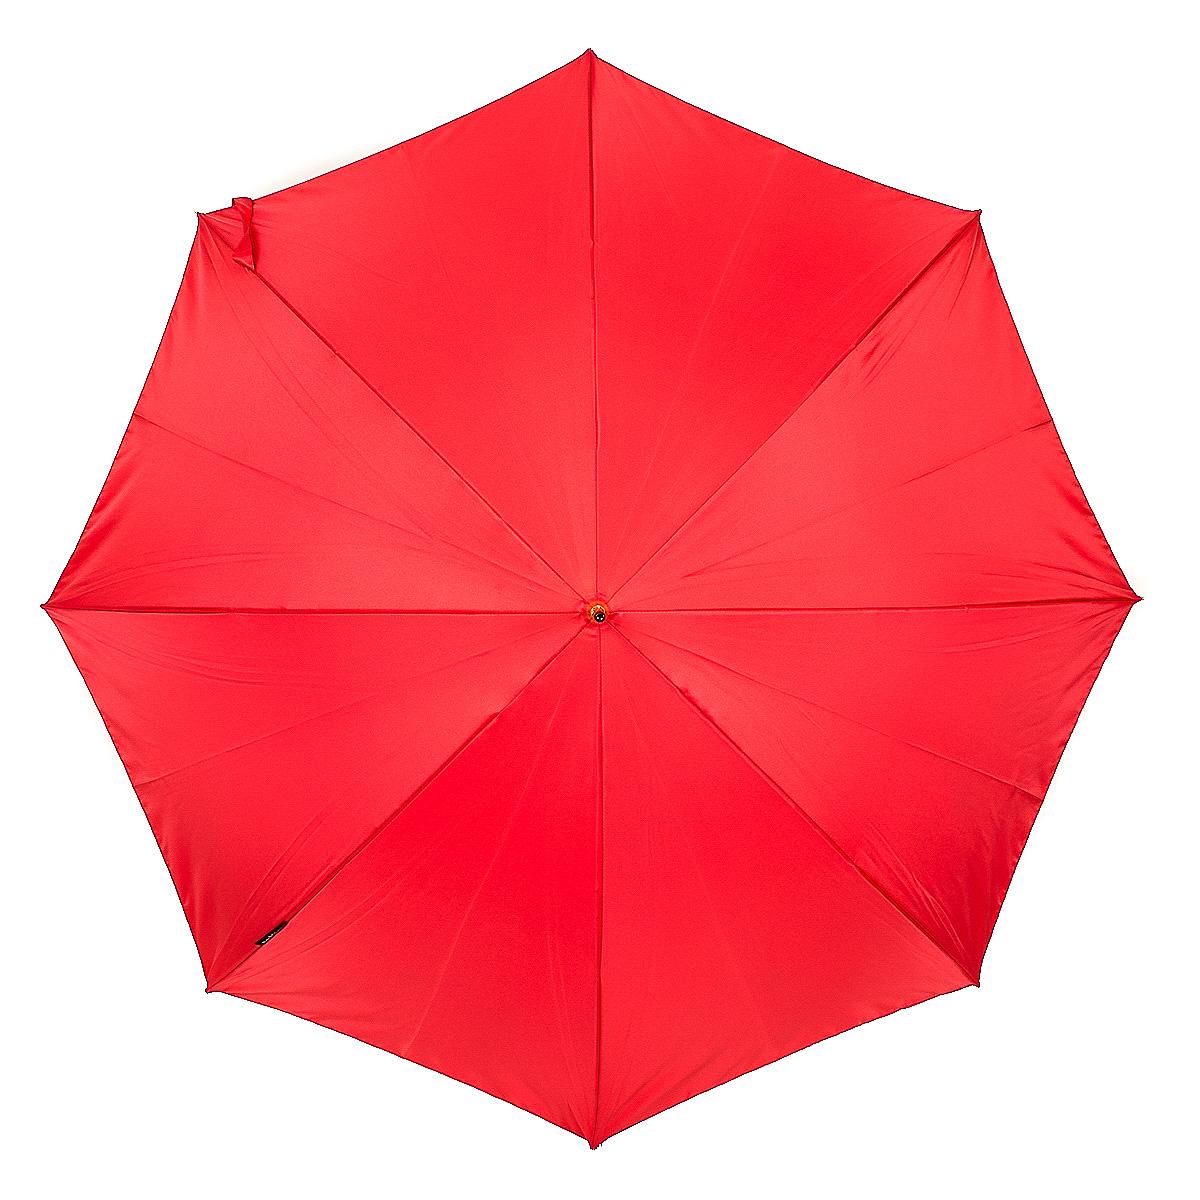 Зонт Slava Zaitsev 051051 double SZДизайнерский женский зонт от Славы Зайцева